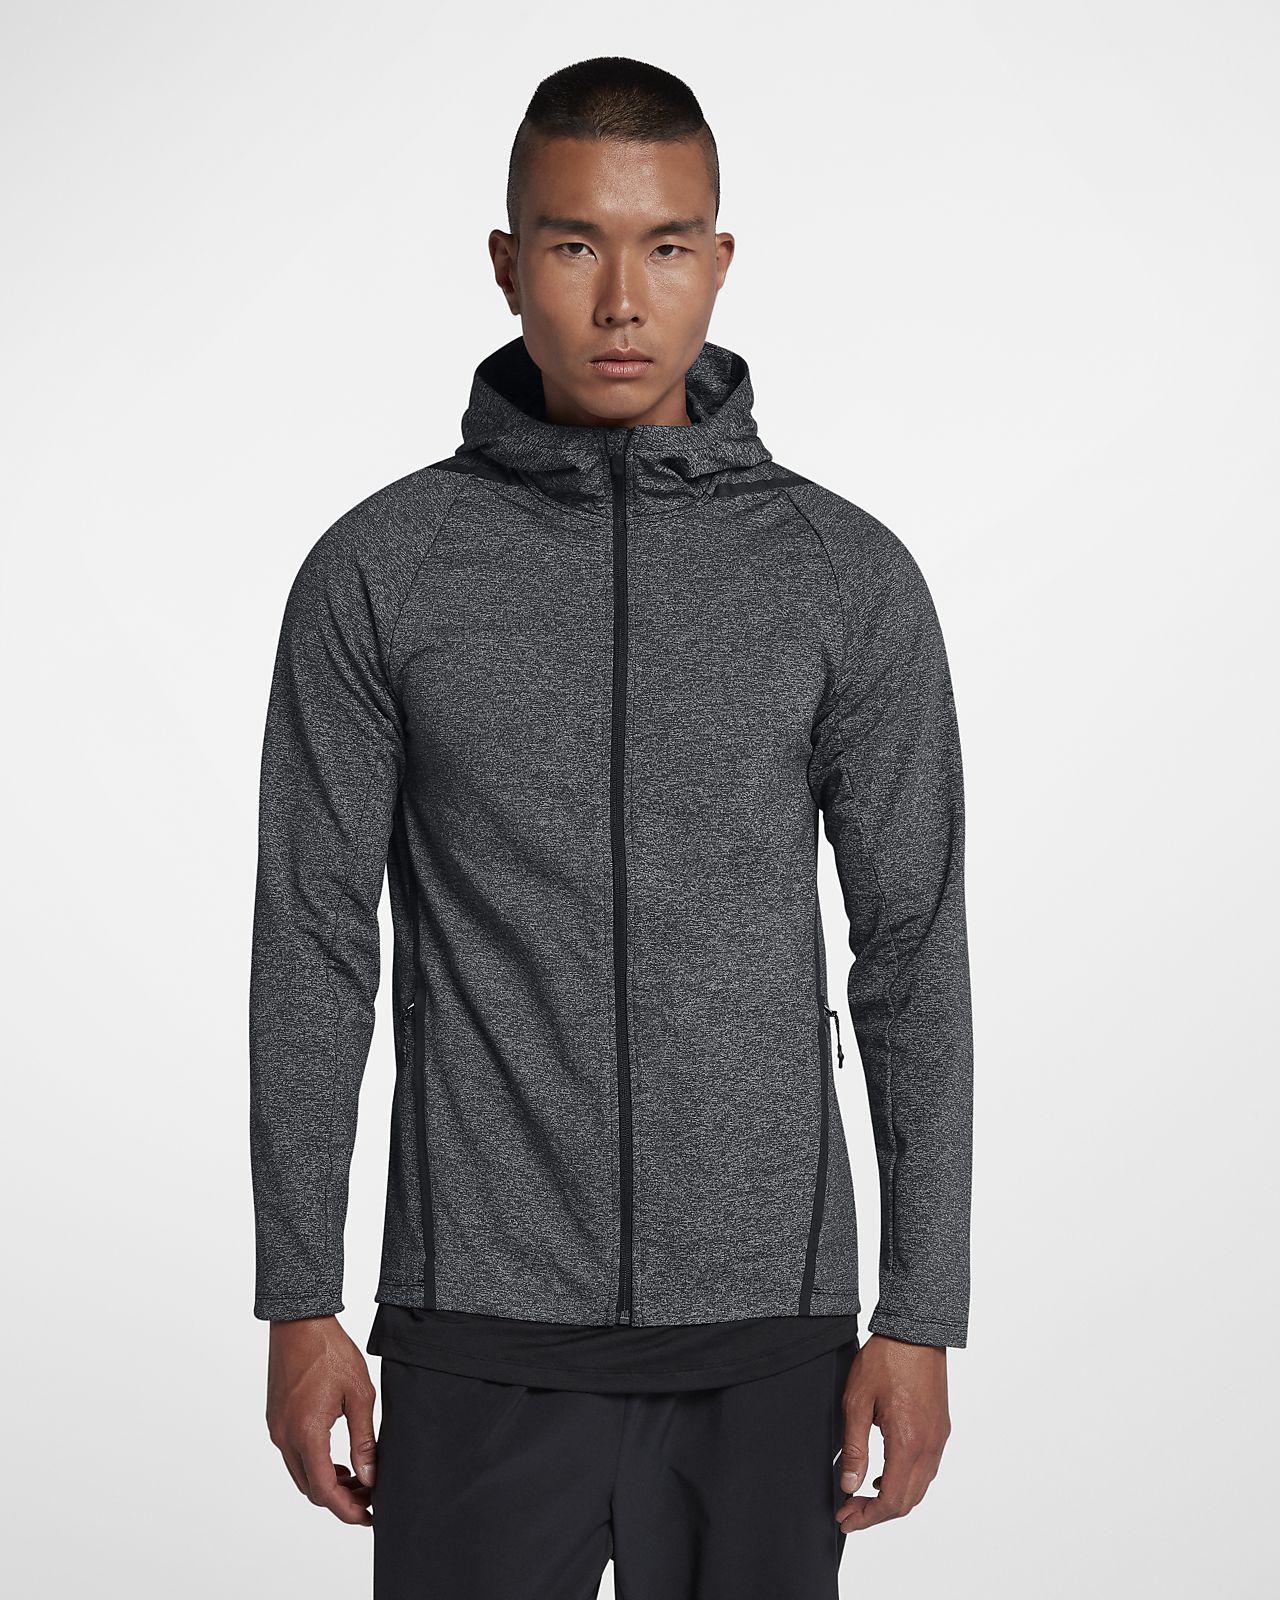 Nike Dri-FIT - langærmet træningshættetrøje med lynlås til mænd